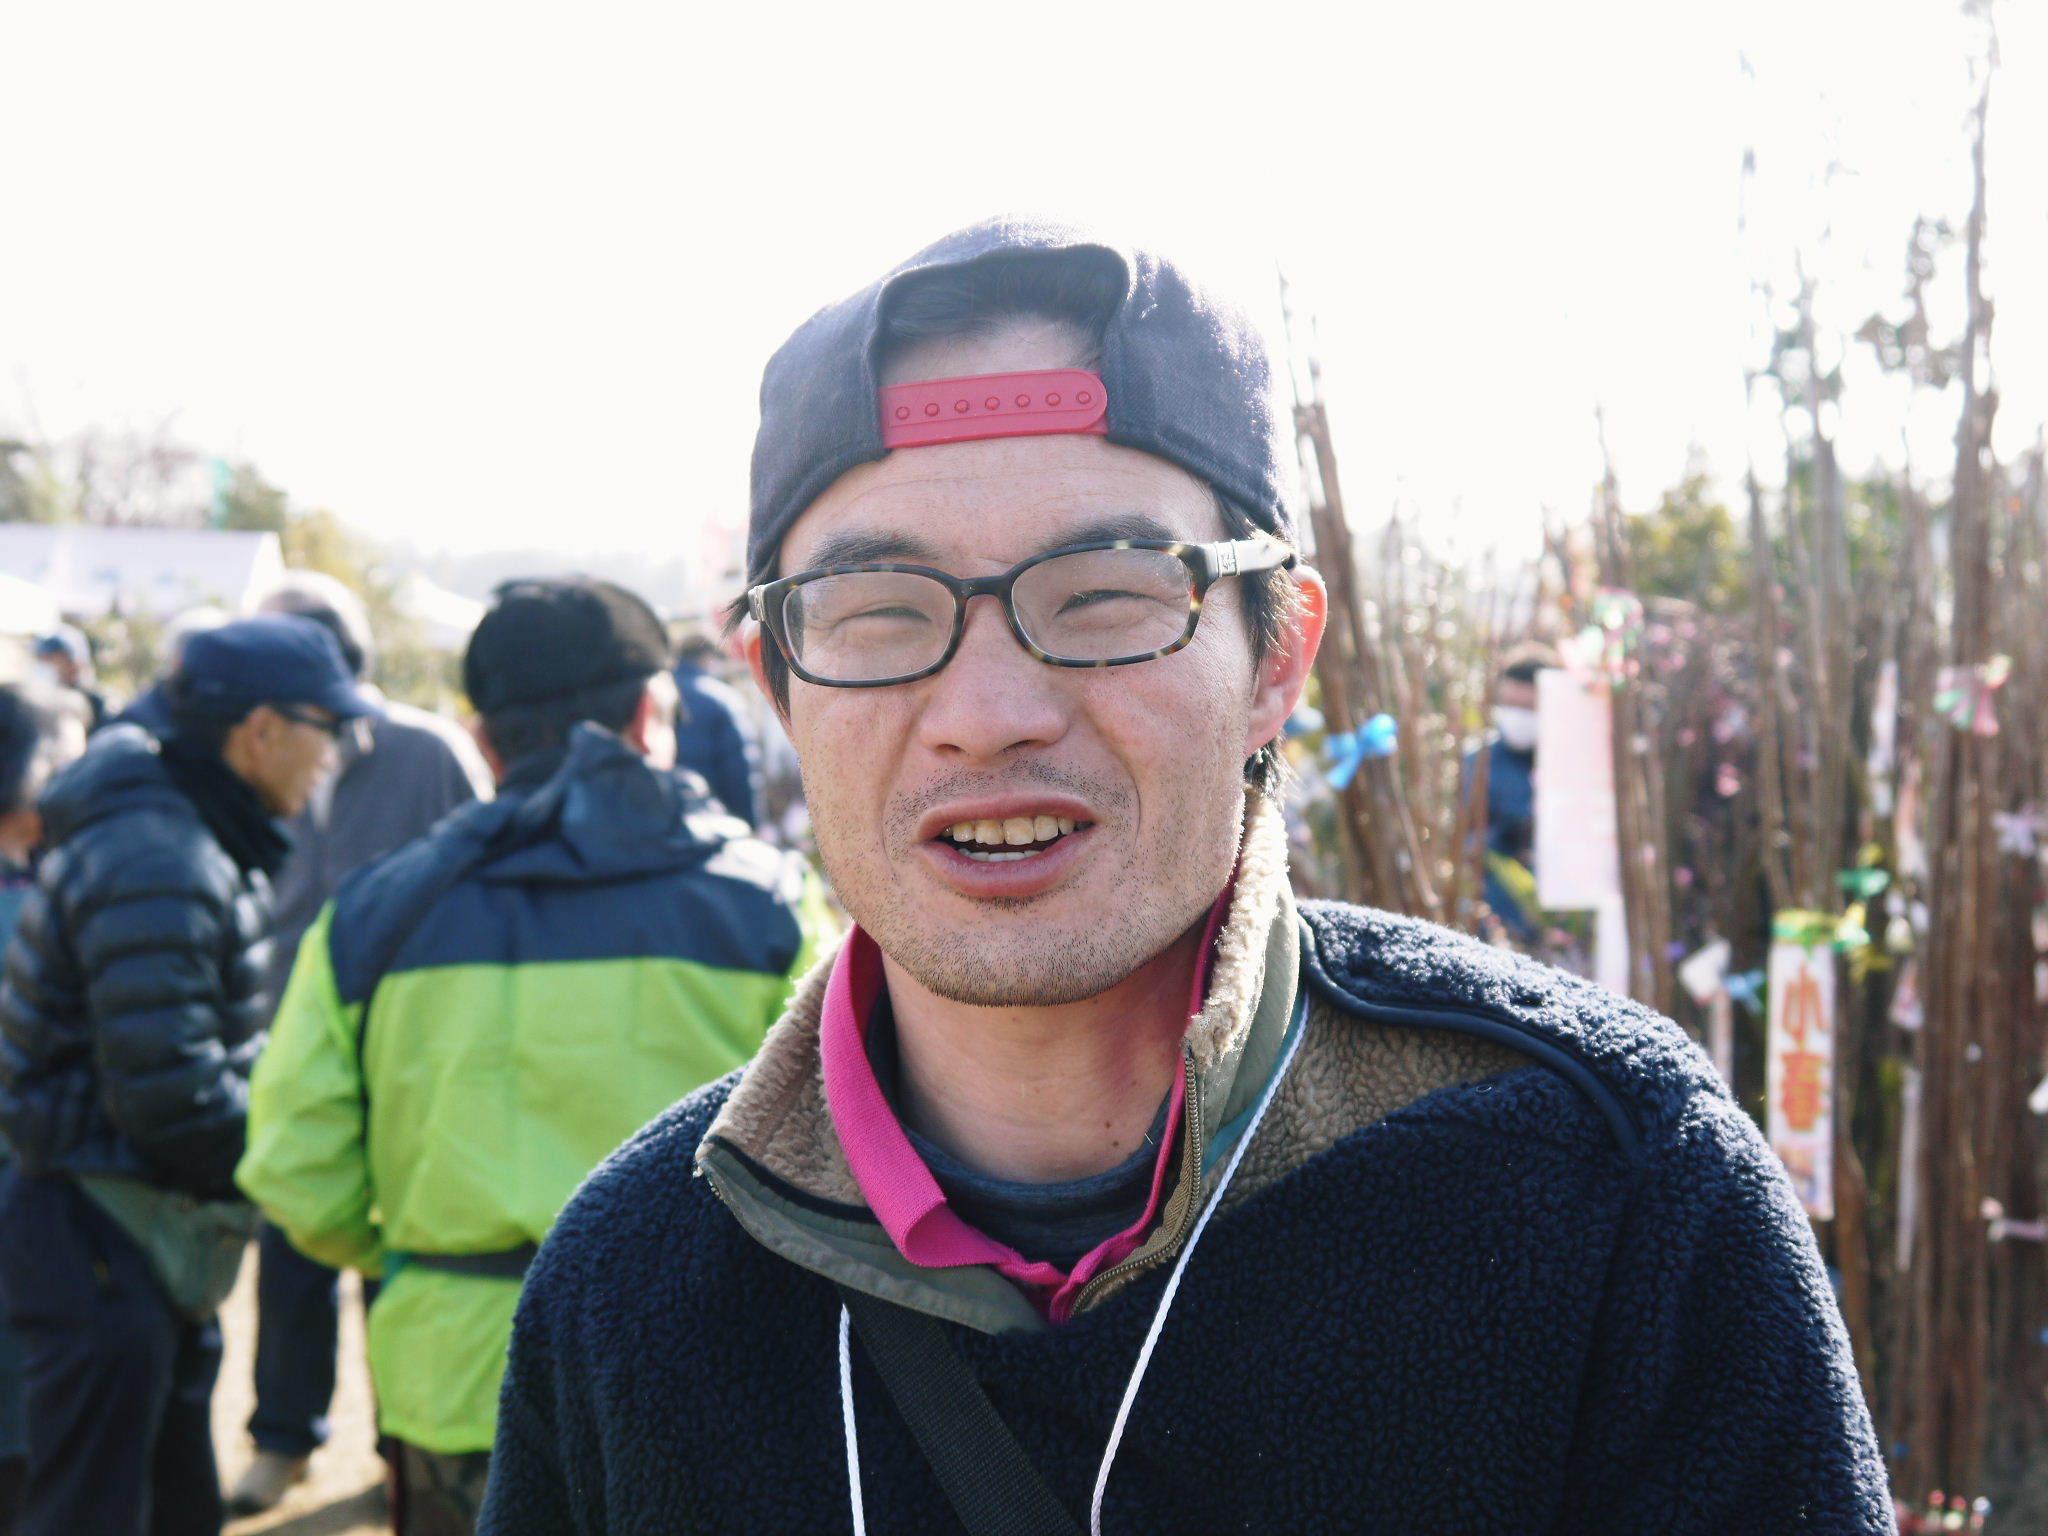 第45回JA植木まつり(IN熊本県農業公園(カントリーパーク))に行ってきました!(2020)_a0254656_17361241.jpg